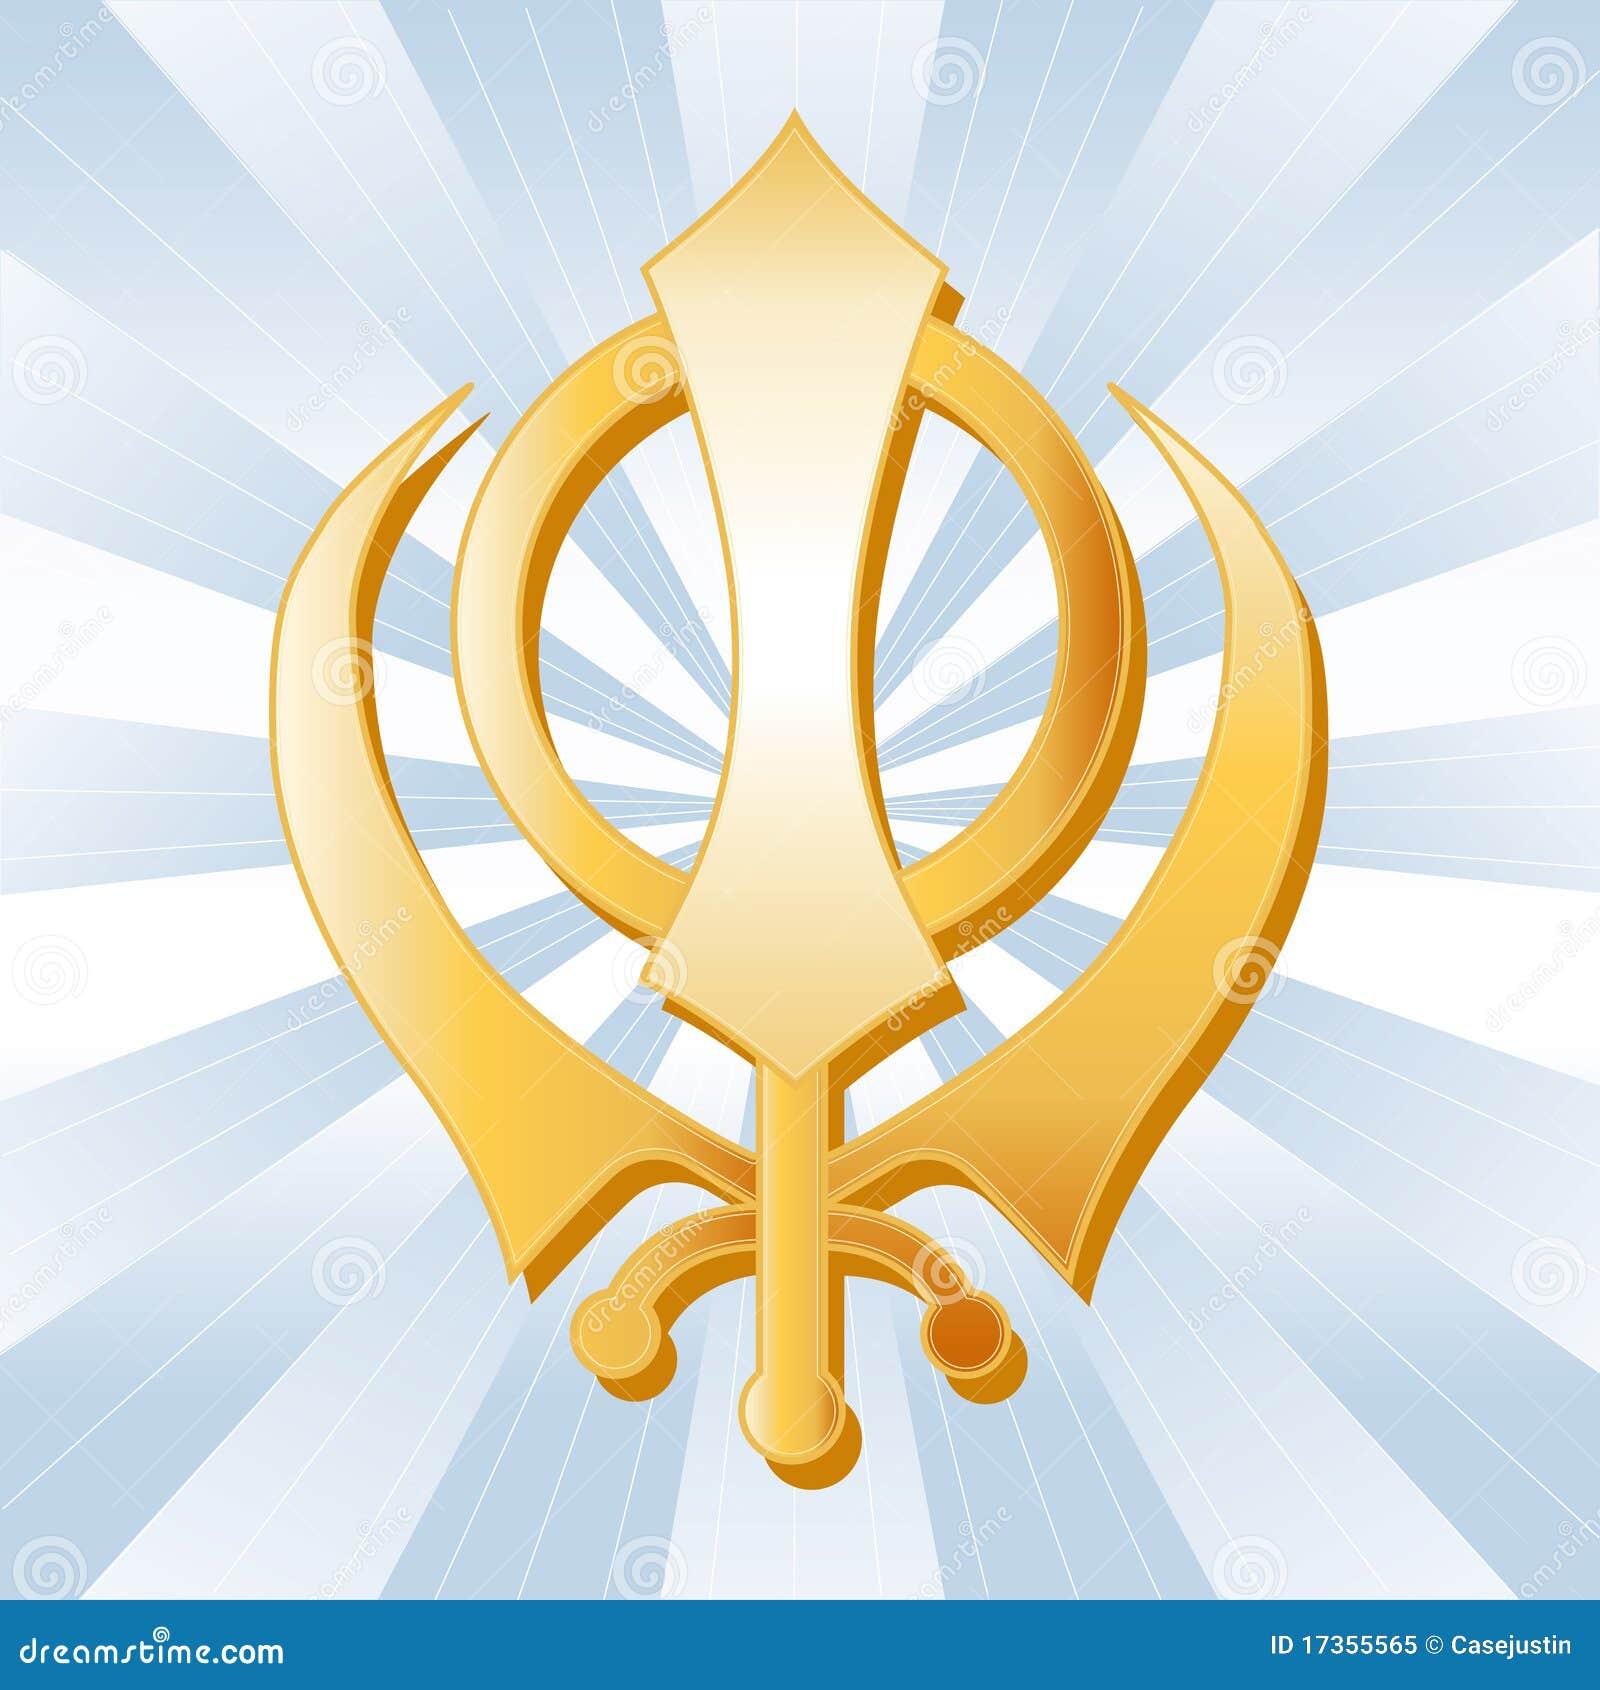 Sikh Symbol Stock Vector Illustration Of Religious Golden 17355565